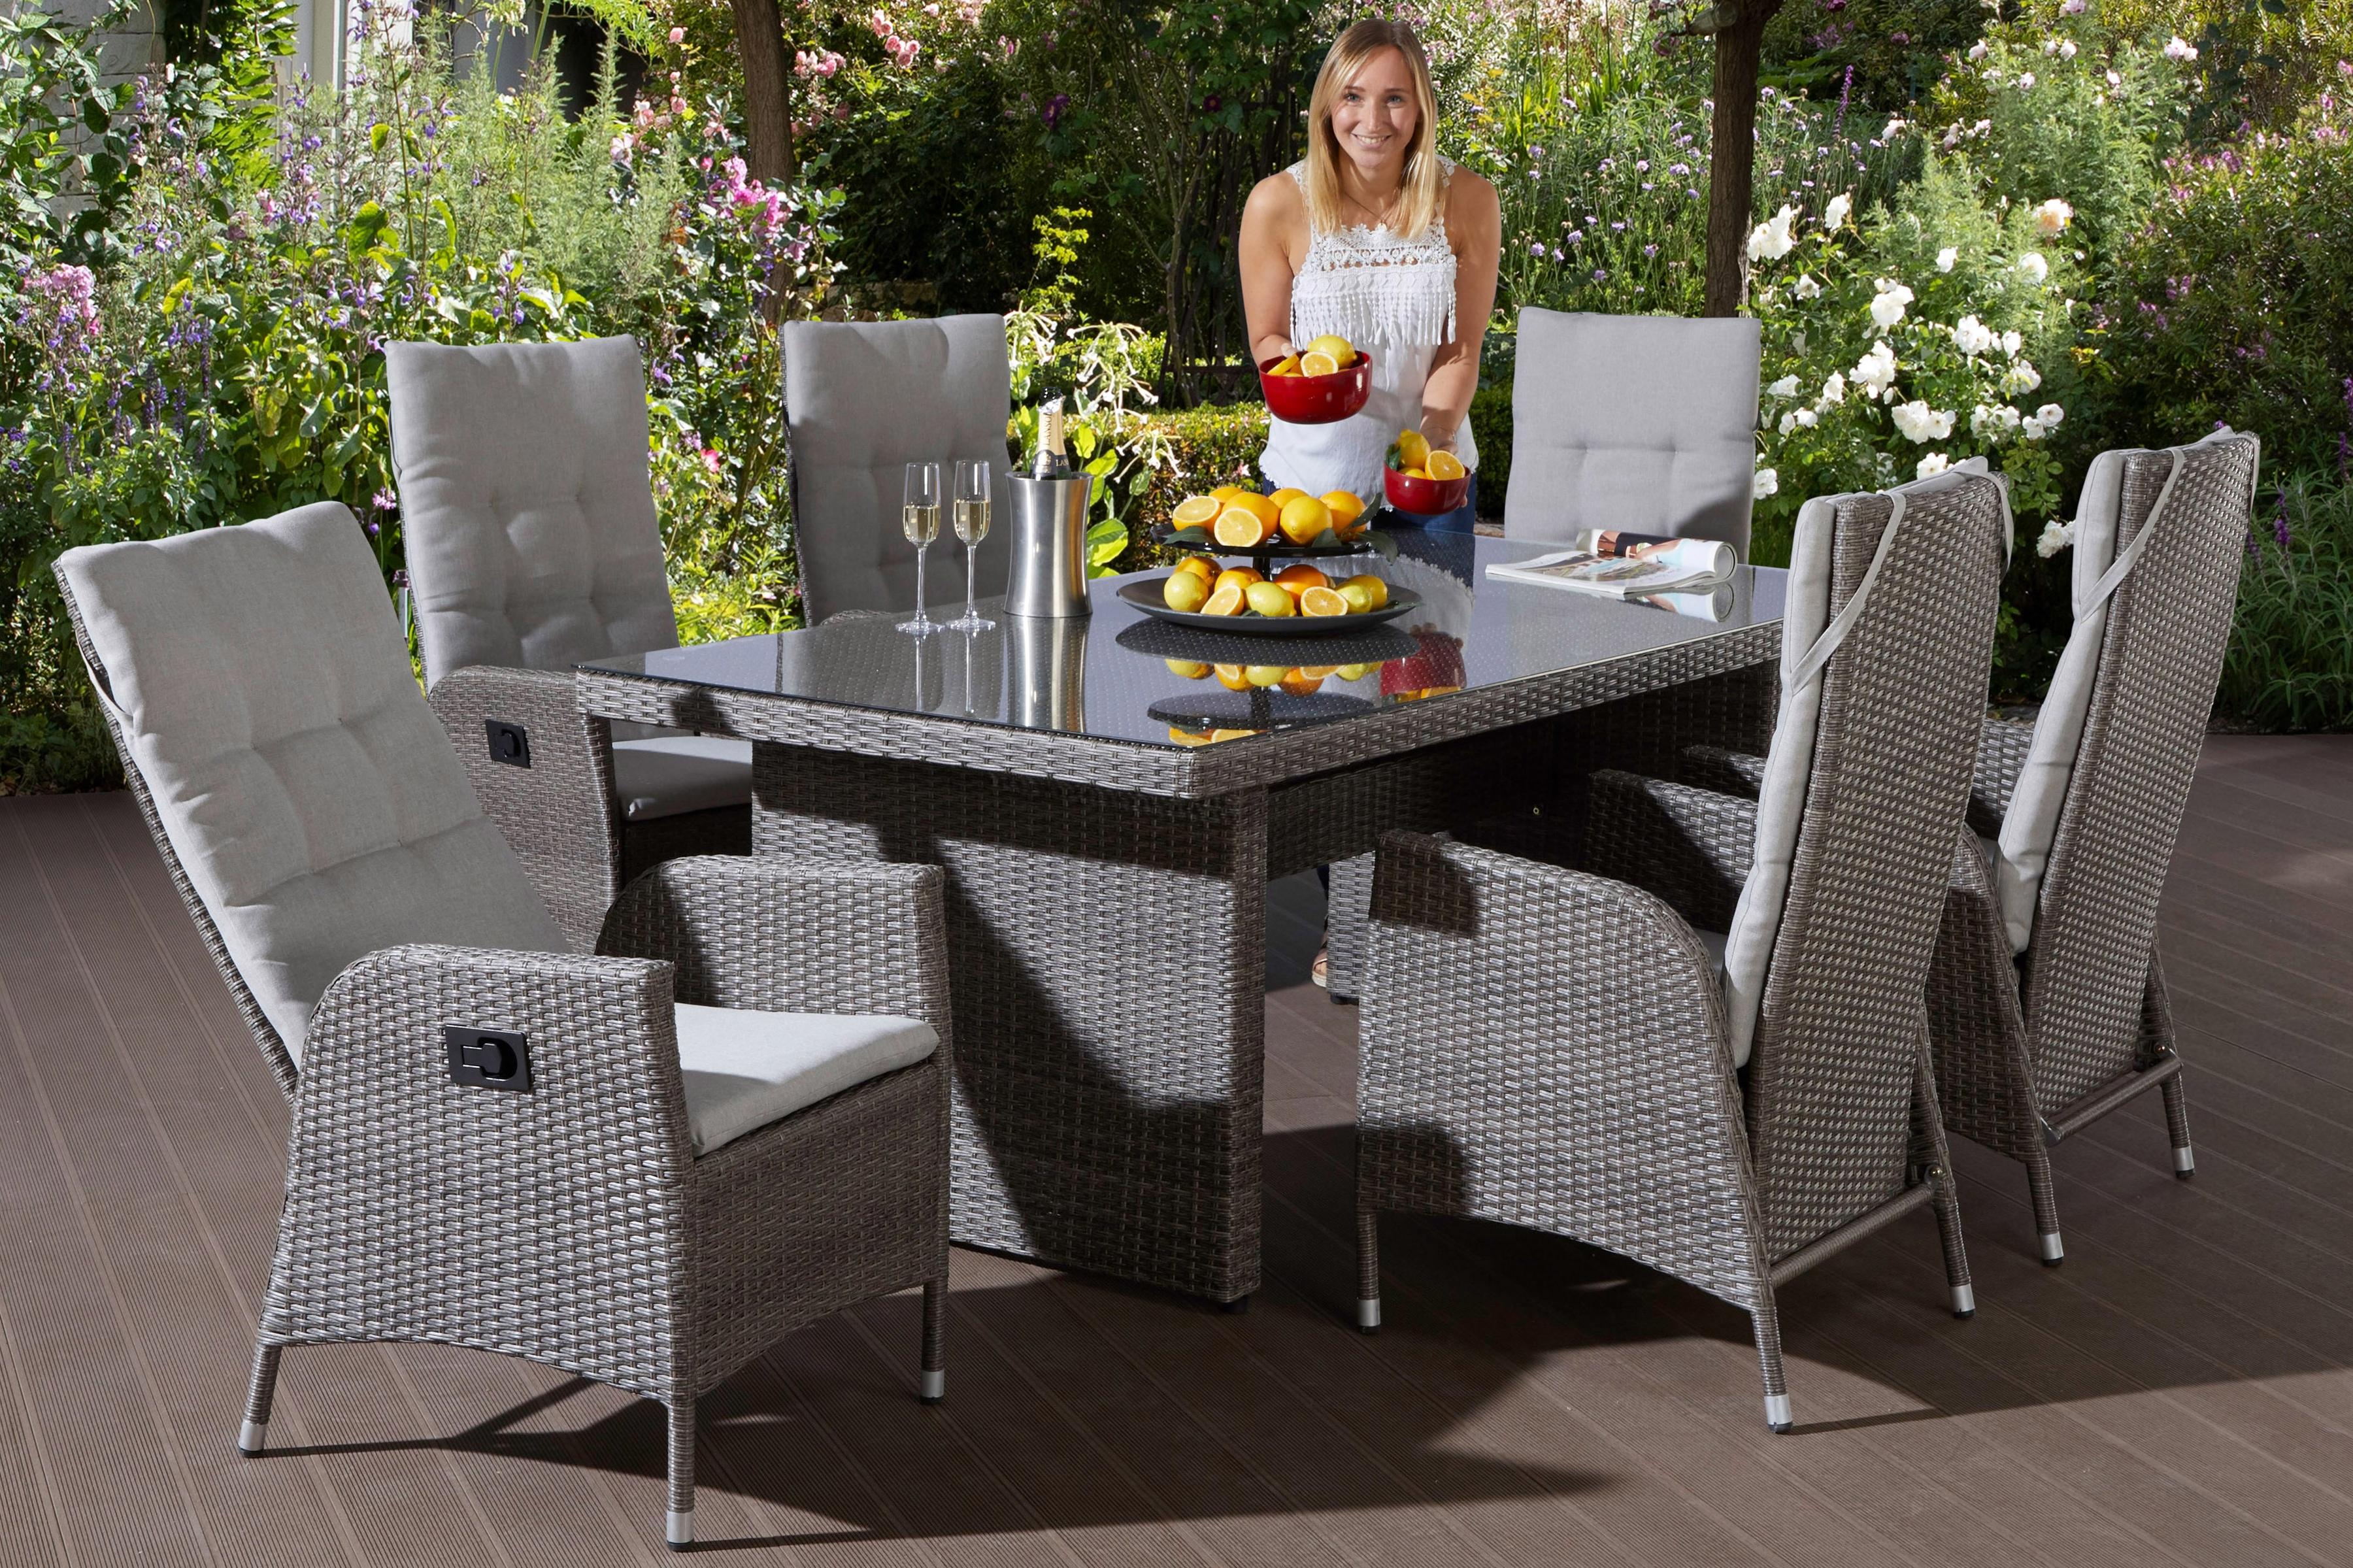 MERXX Gartenmöbelset Dimaro 13-tlg 6 Sessel Tisch 200x100 Polyrattan